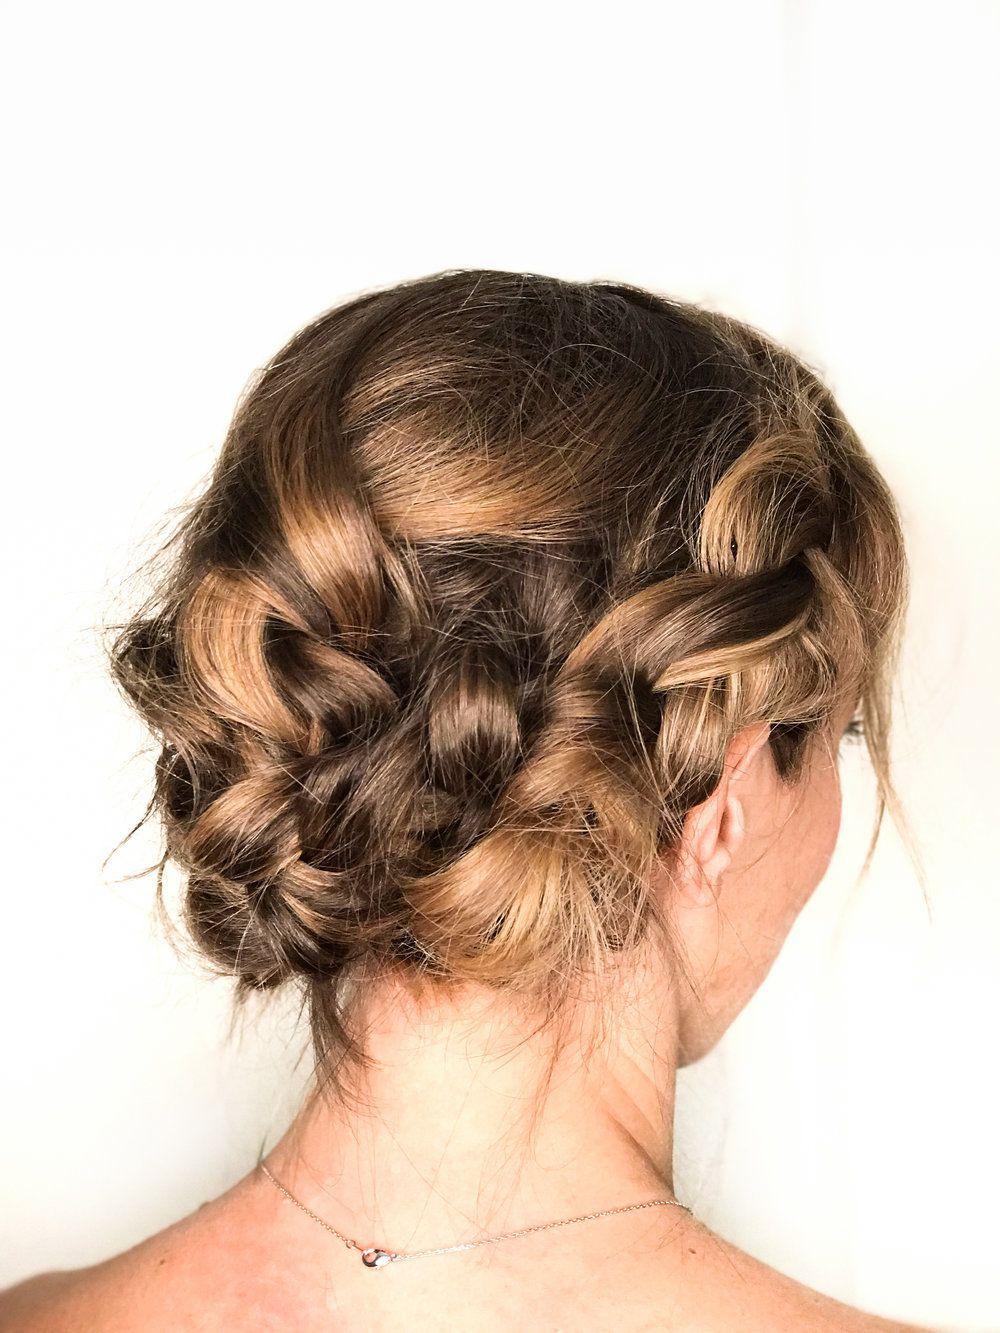 Boho Braided Updo for Short Hair   Short wedding hair ...